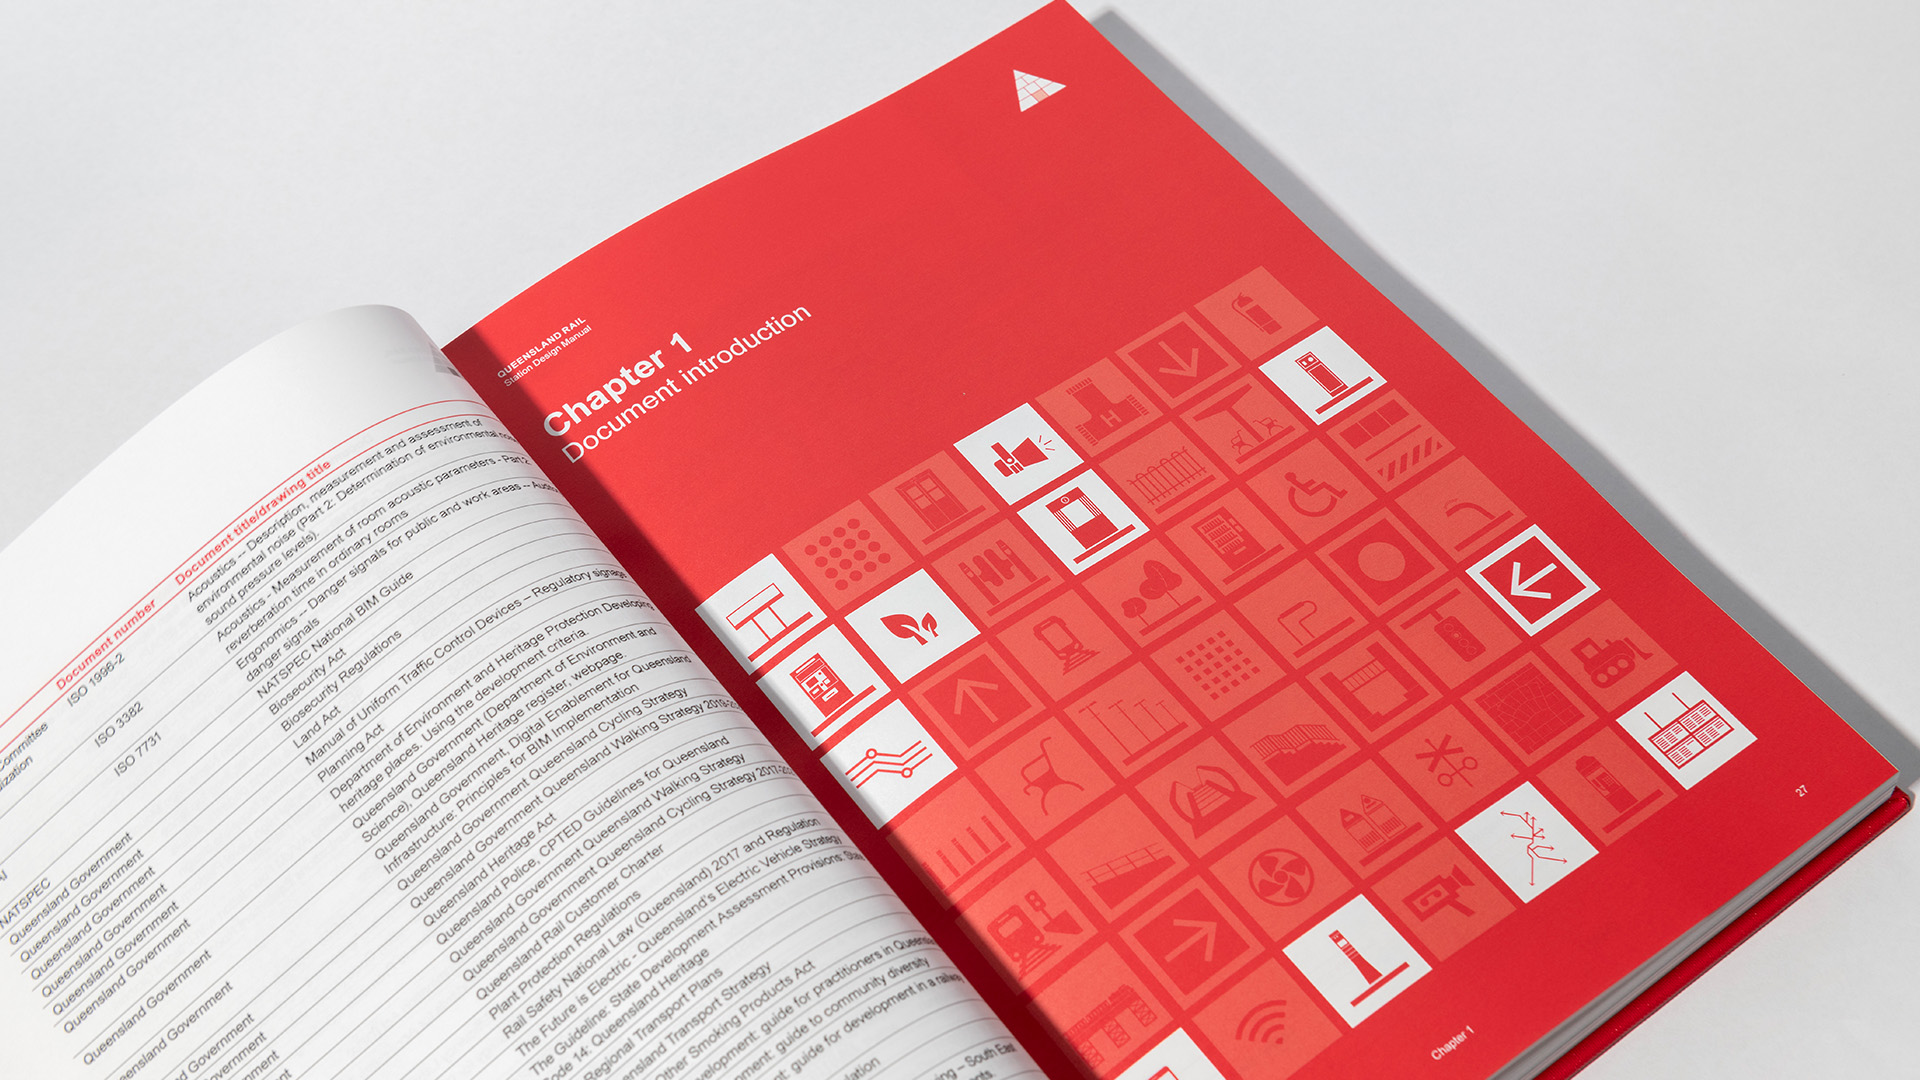 Queensland Rail Station Design Manual divider page detail